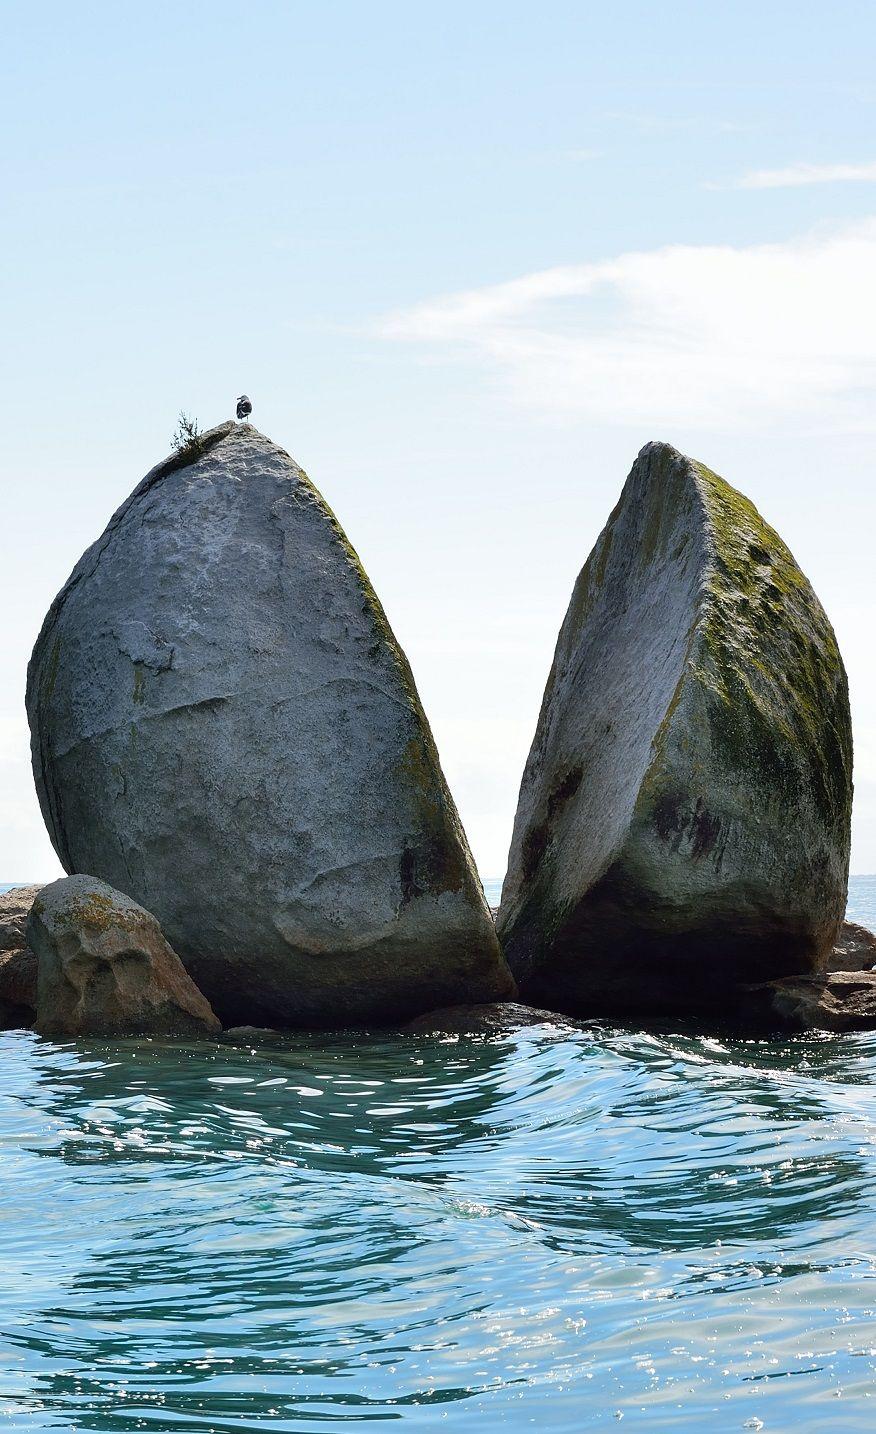 Split Apple Rock Kaiteriteri Nz Lugares Raros Naturaleza Impresionante Hermosos Paisajes